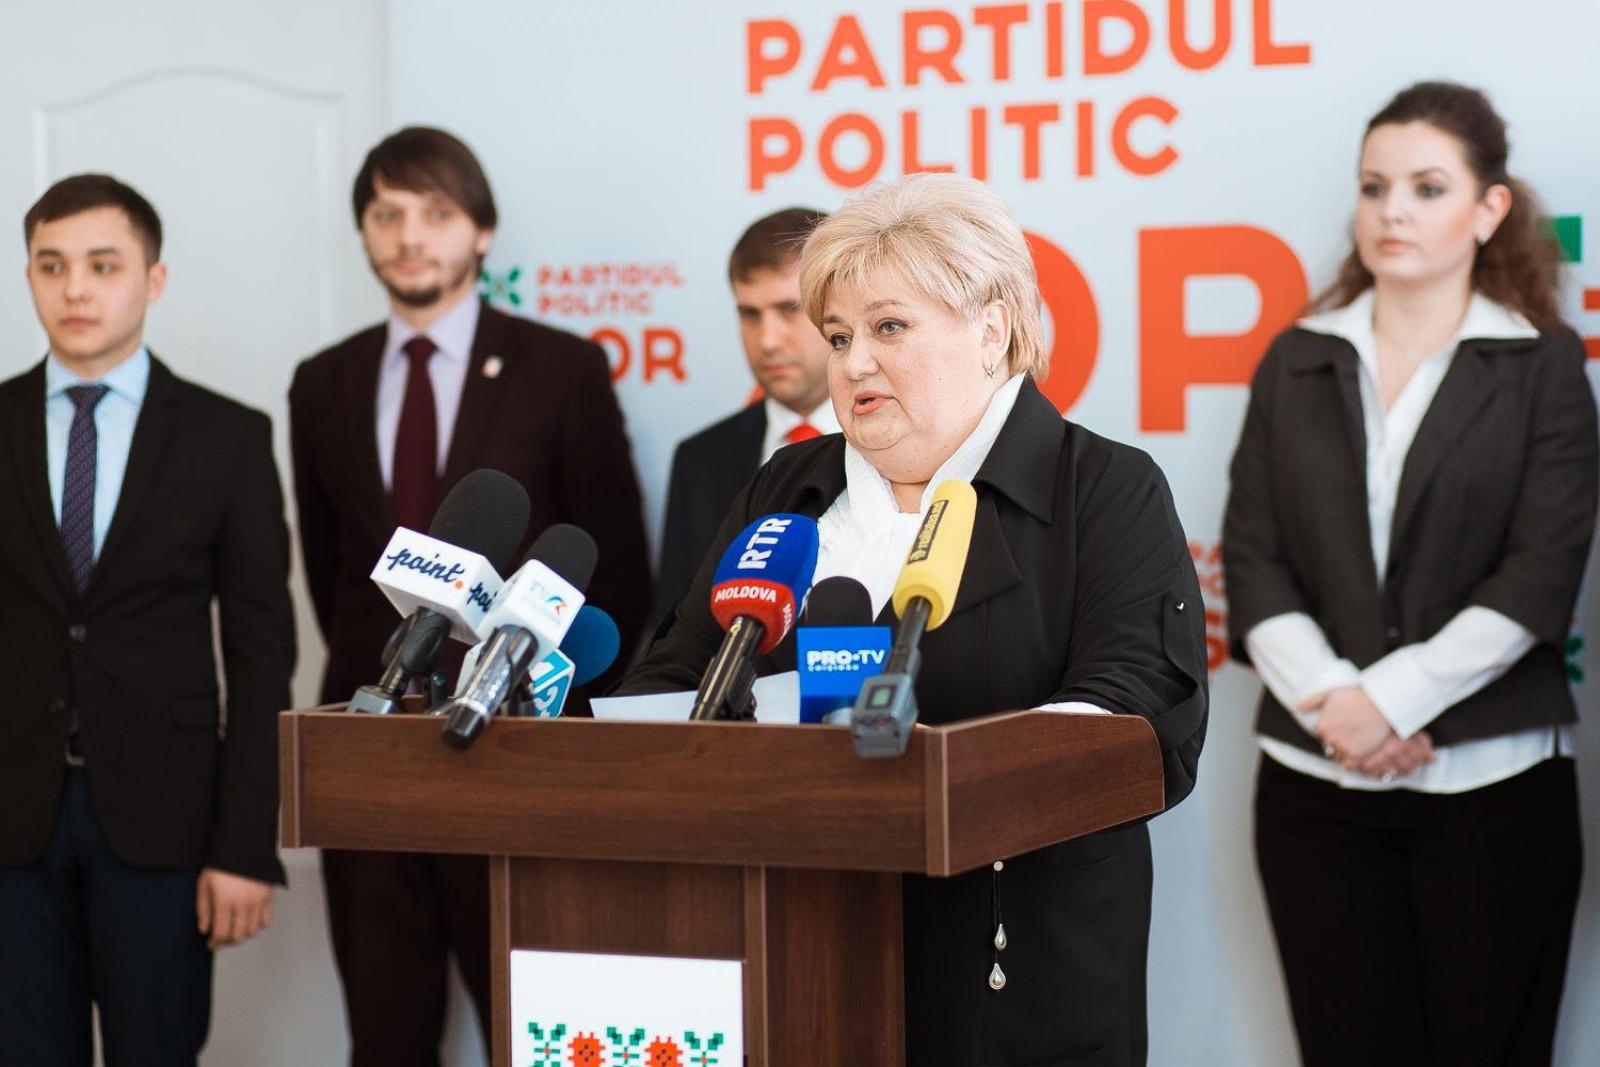 Reghina Apostolova, după ce a fost scoasă din cursa electorală: Le-au furat chișinăuienilor speranța